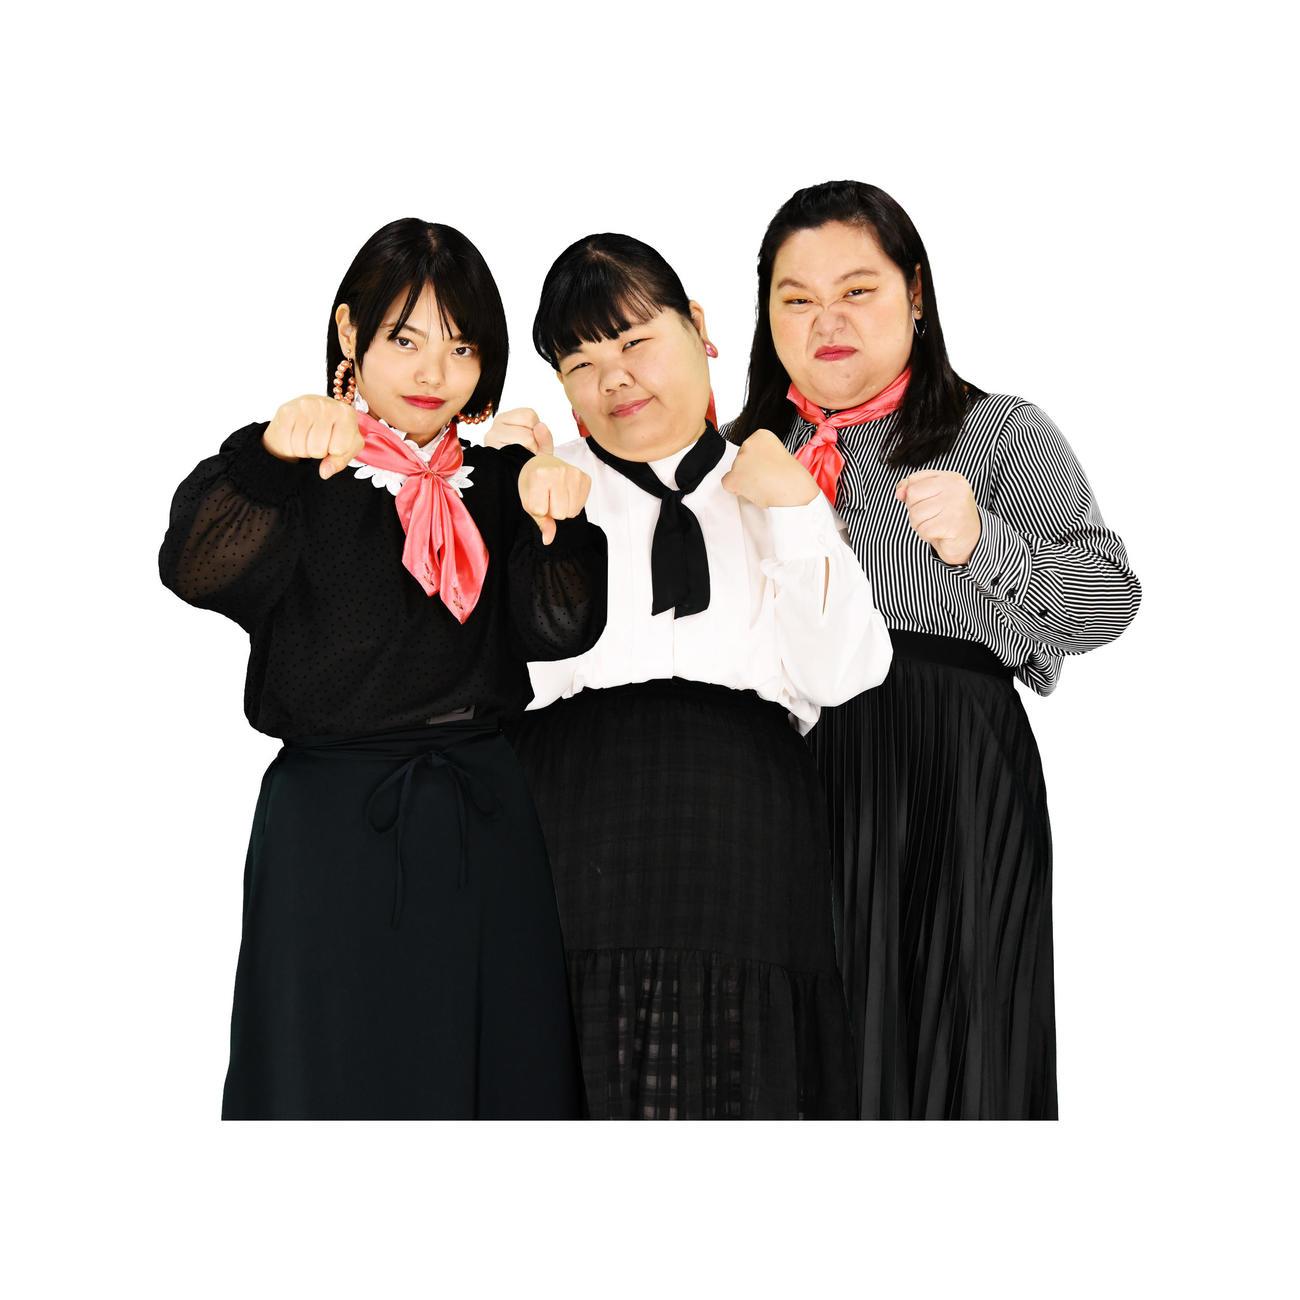 ぼる塾。(左から)きりやはるか、あんり、田辺智加